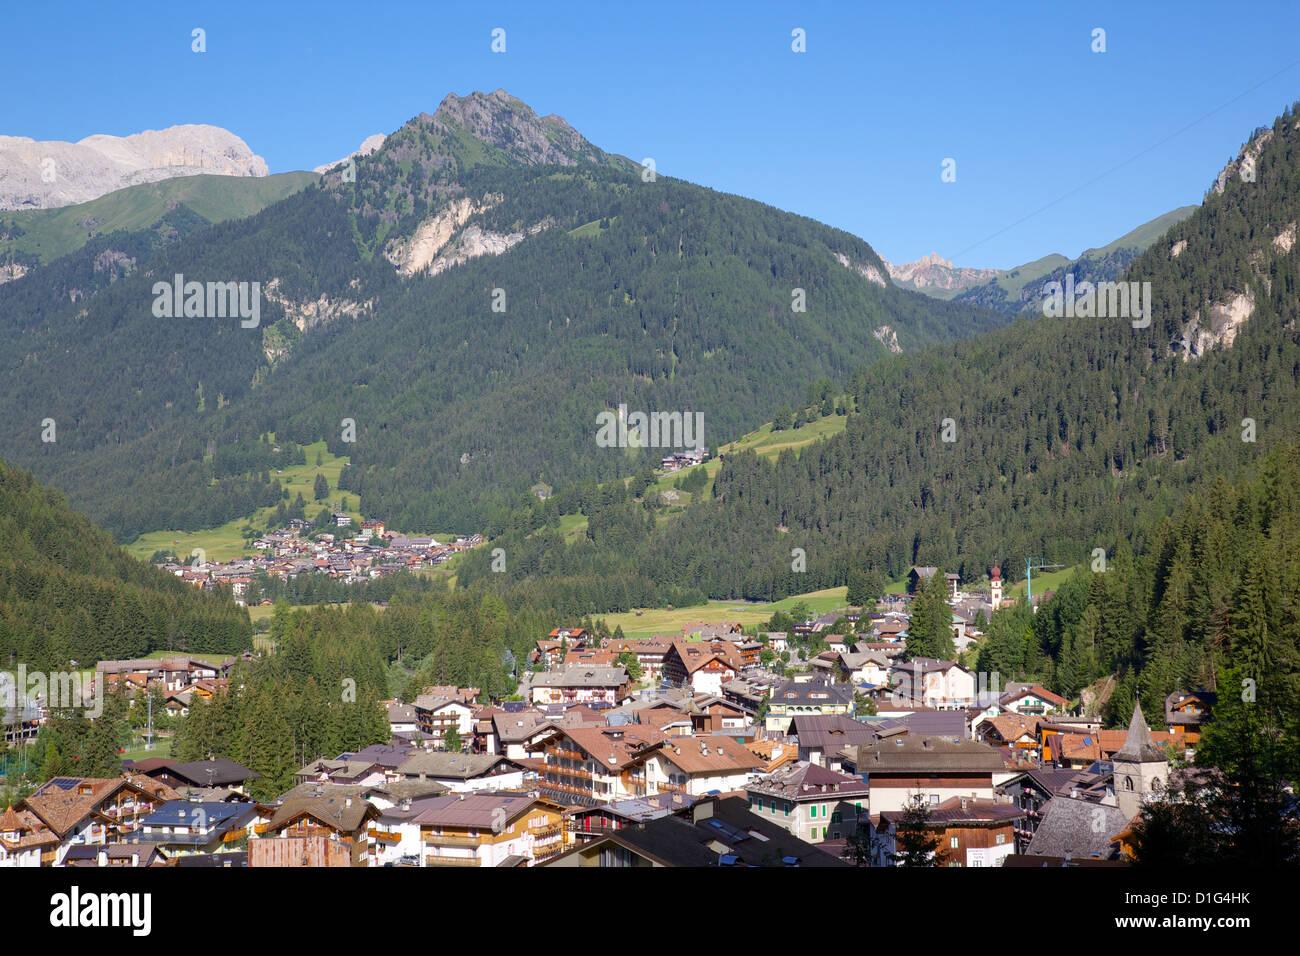 Vista sulla città, Canazei, Trentino Alto Adige, Italia, Europa Immagini Stock